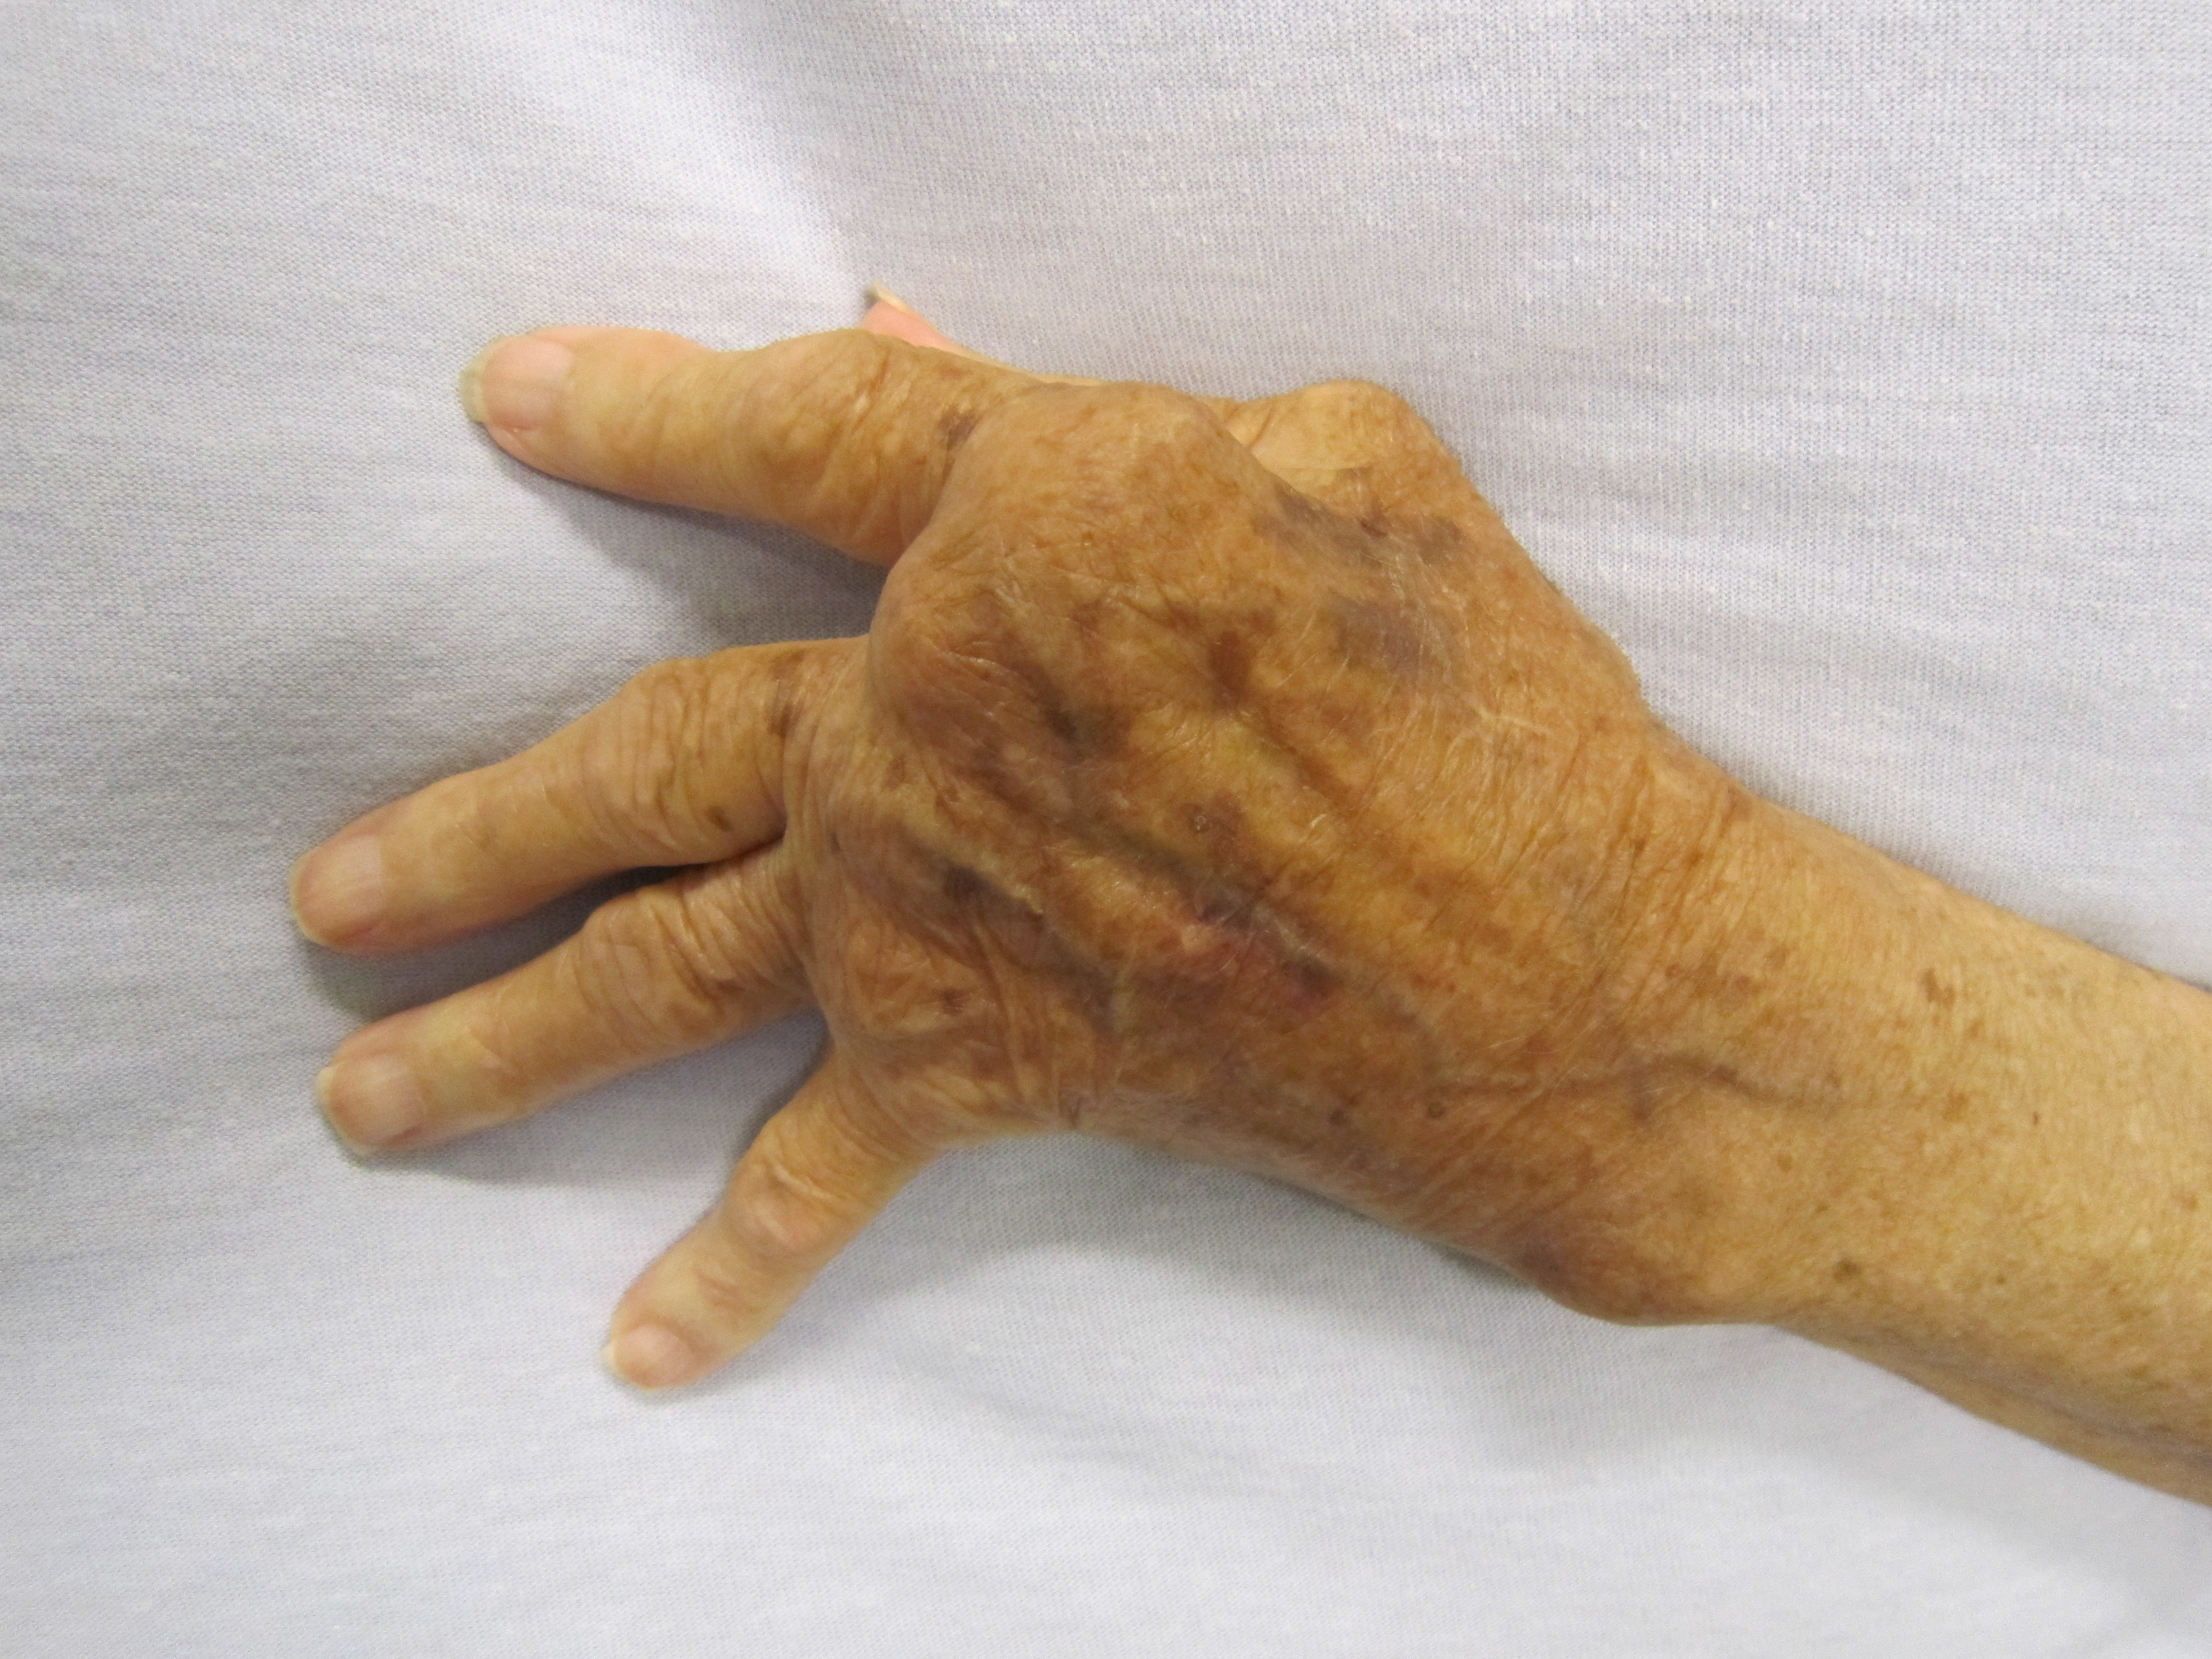 ízületi gyulladás ízületi gyulladásos tünetek kezelésére utaló jelek csont zselés ízületi kezelés